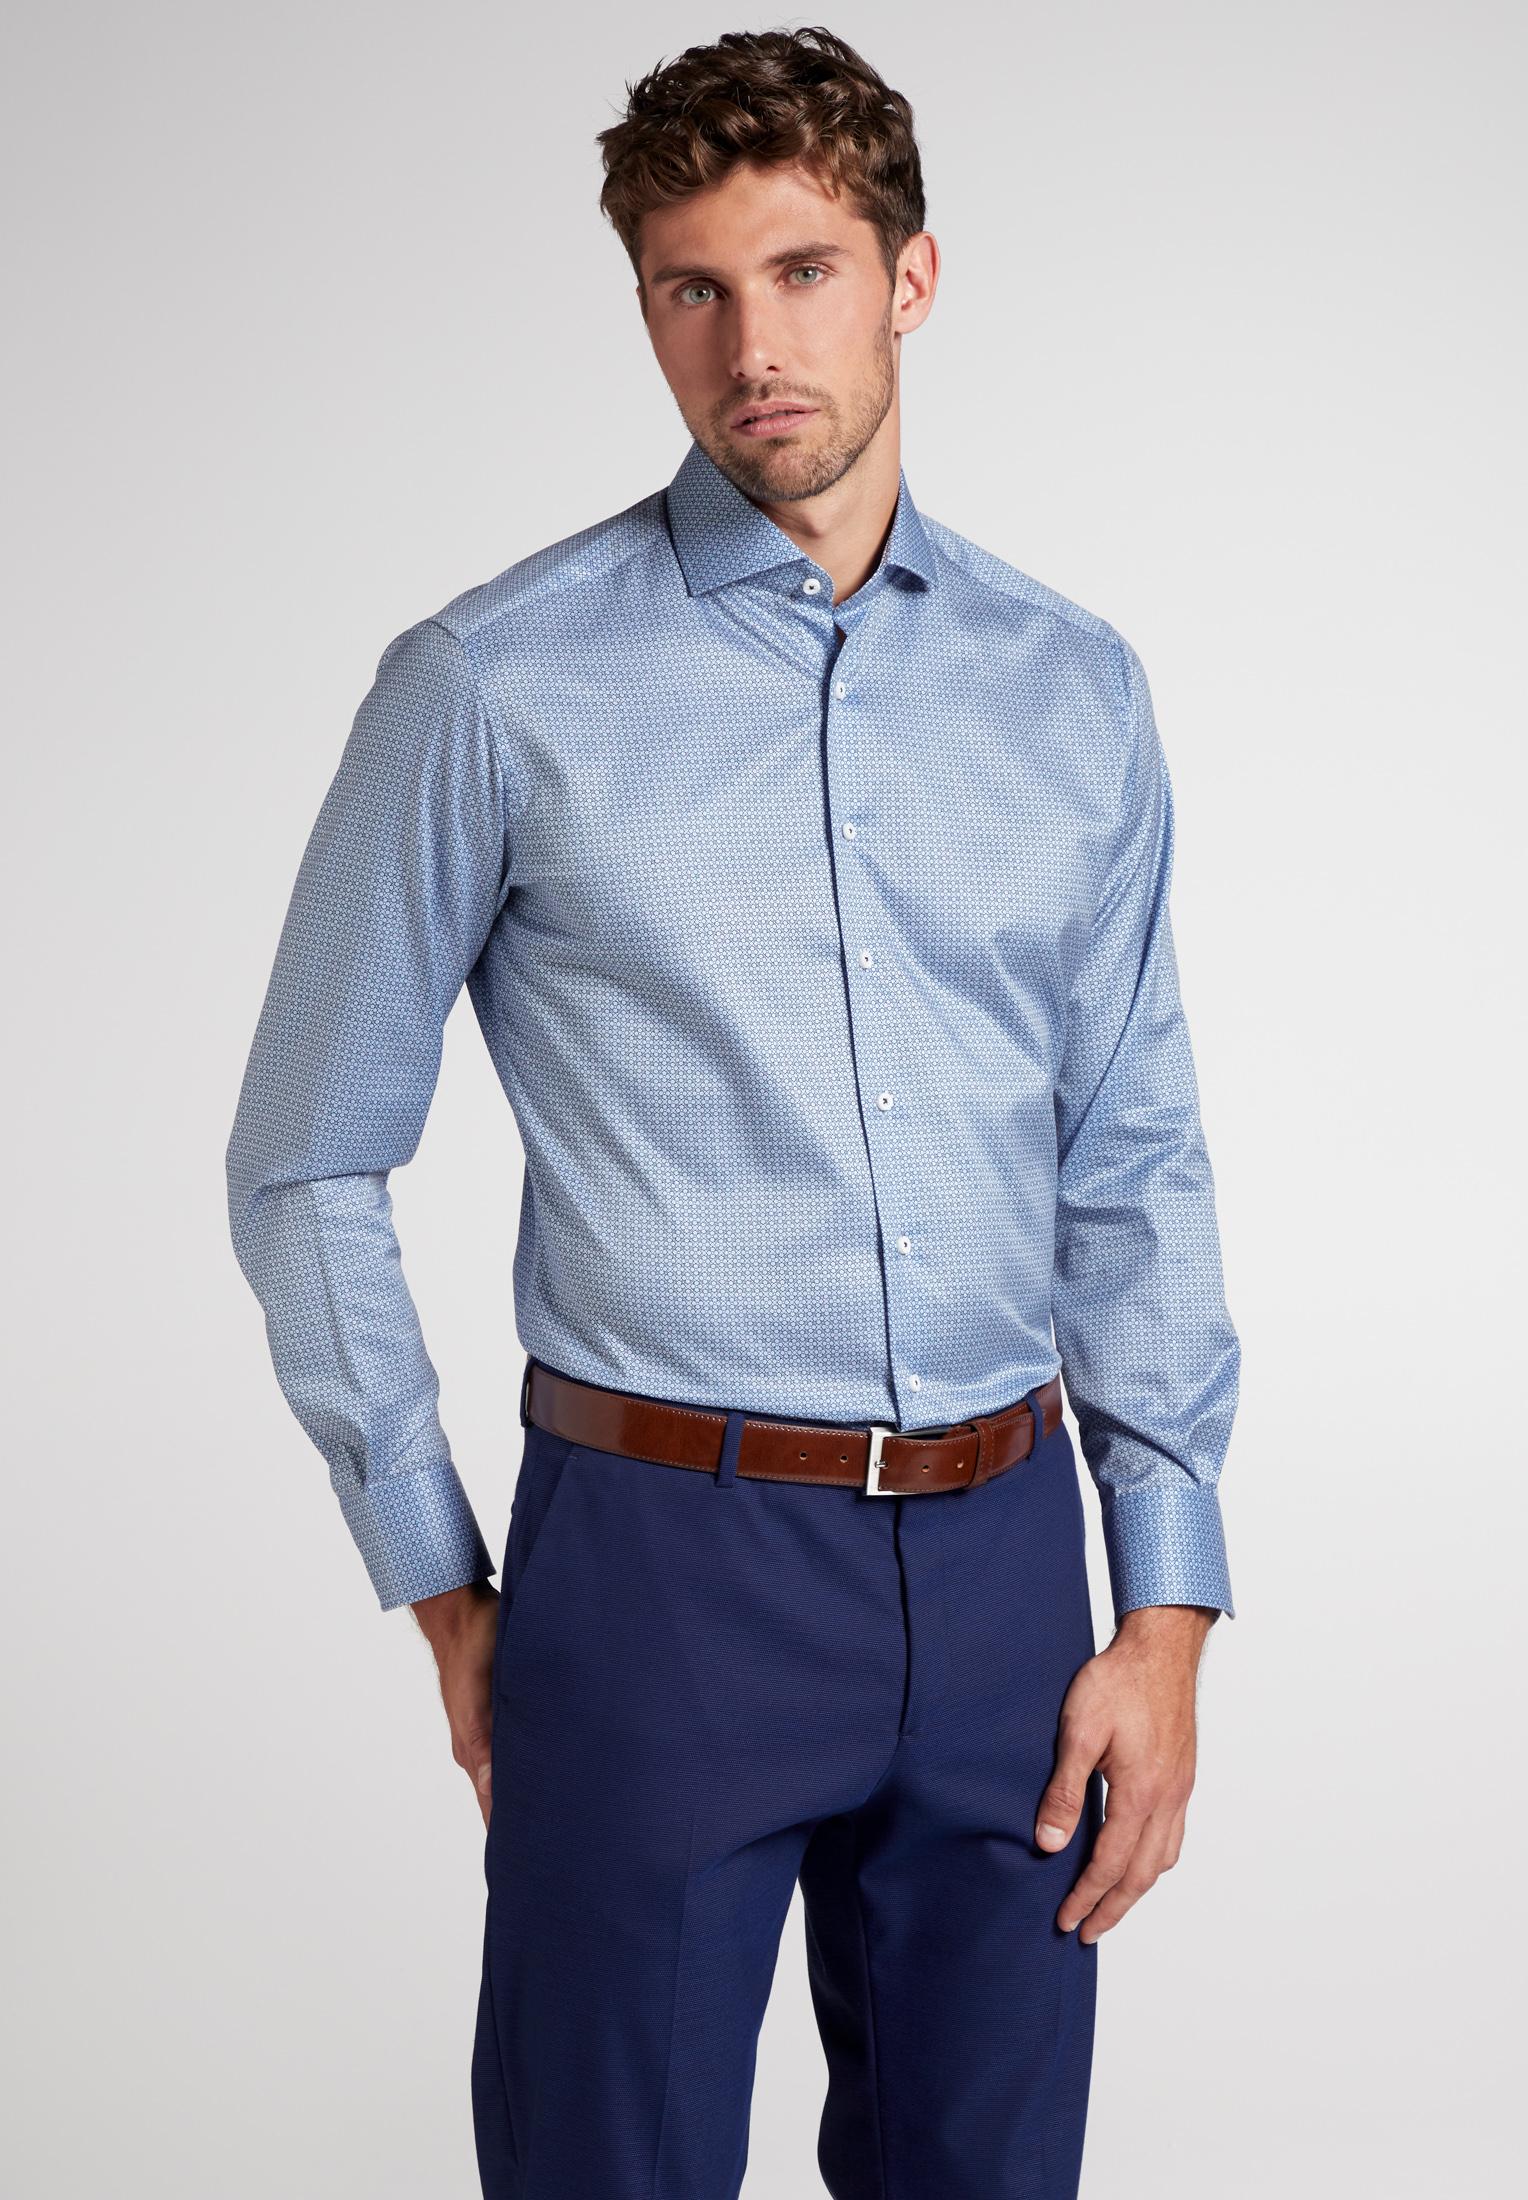 ETERNA Langarm Hemd blau gemustert Print Modern Fit